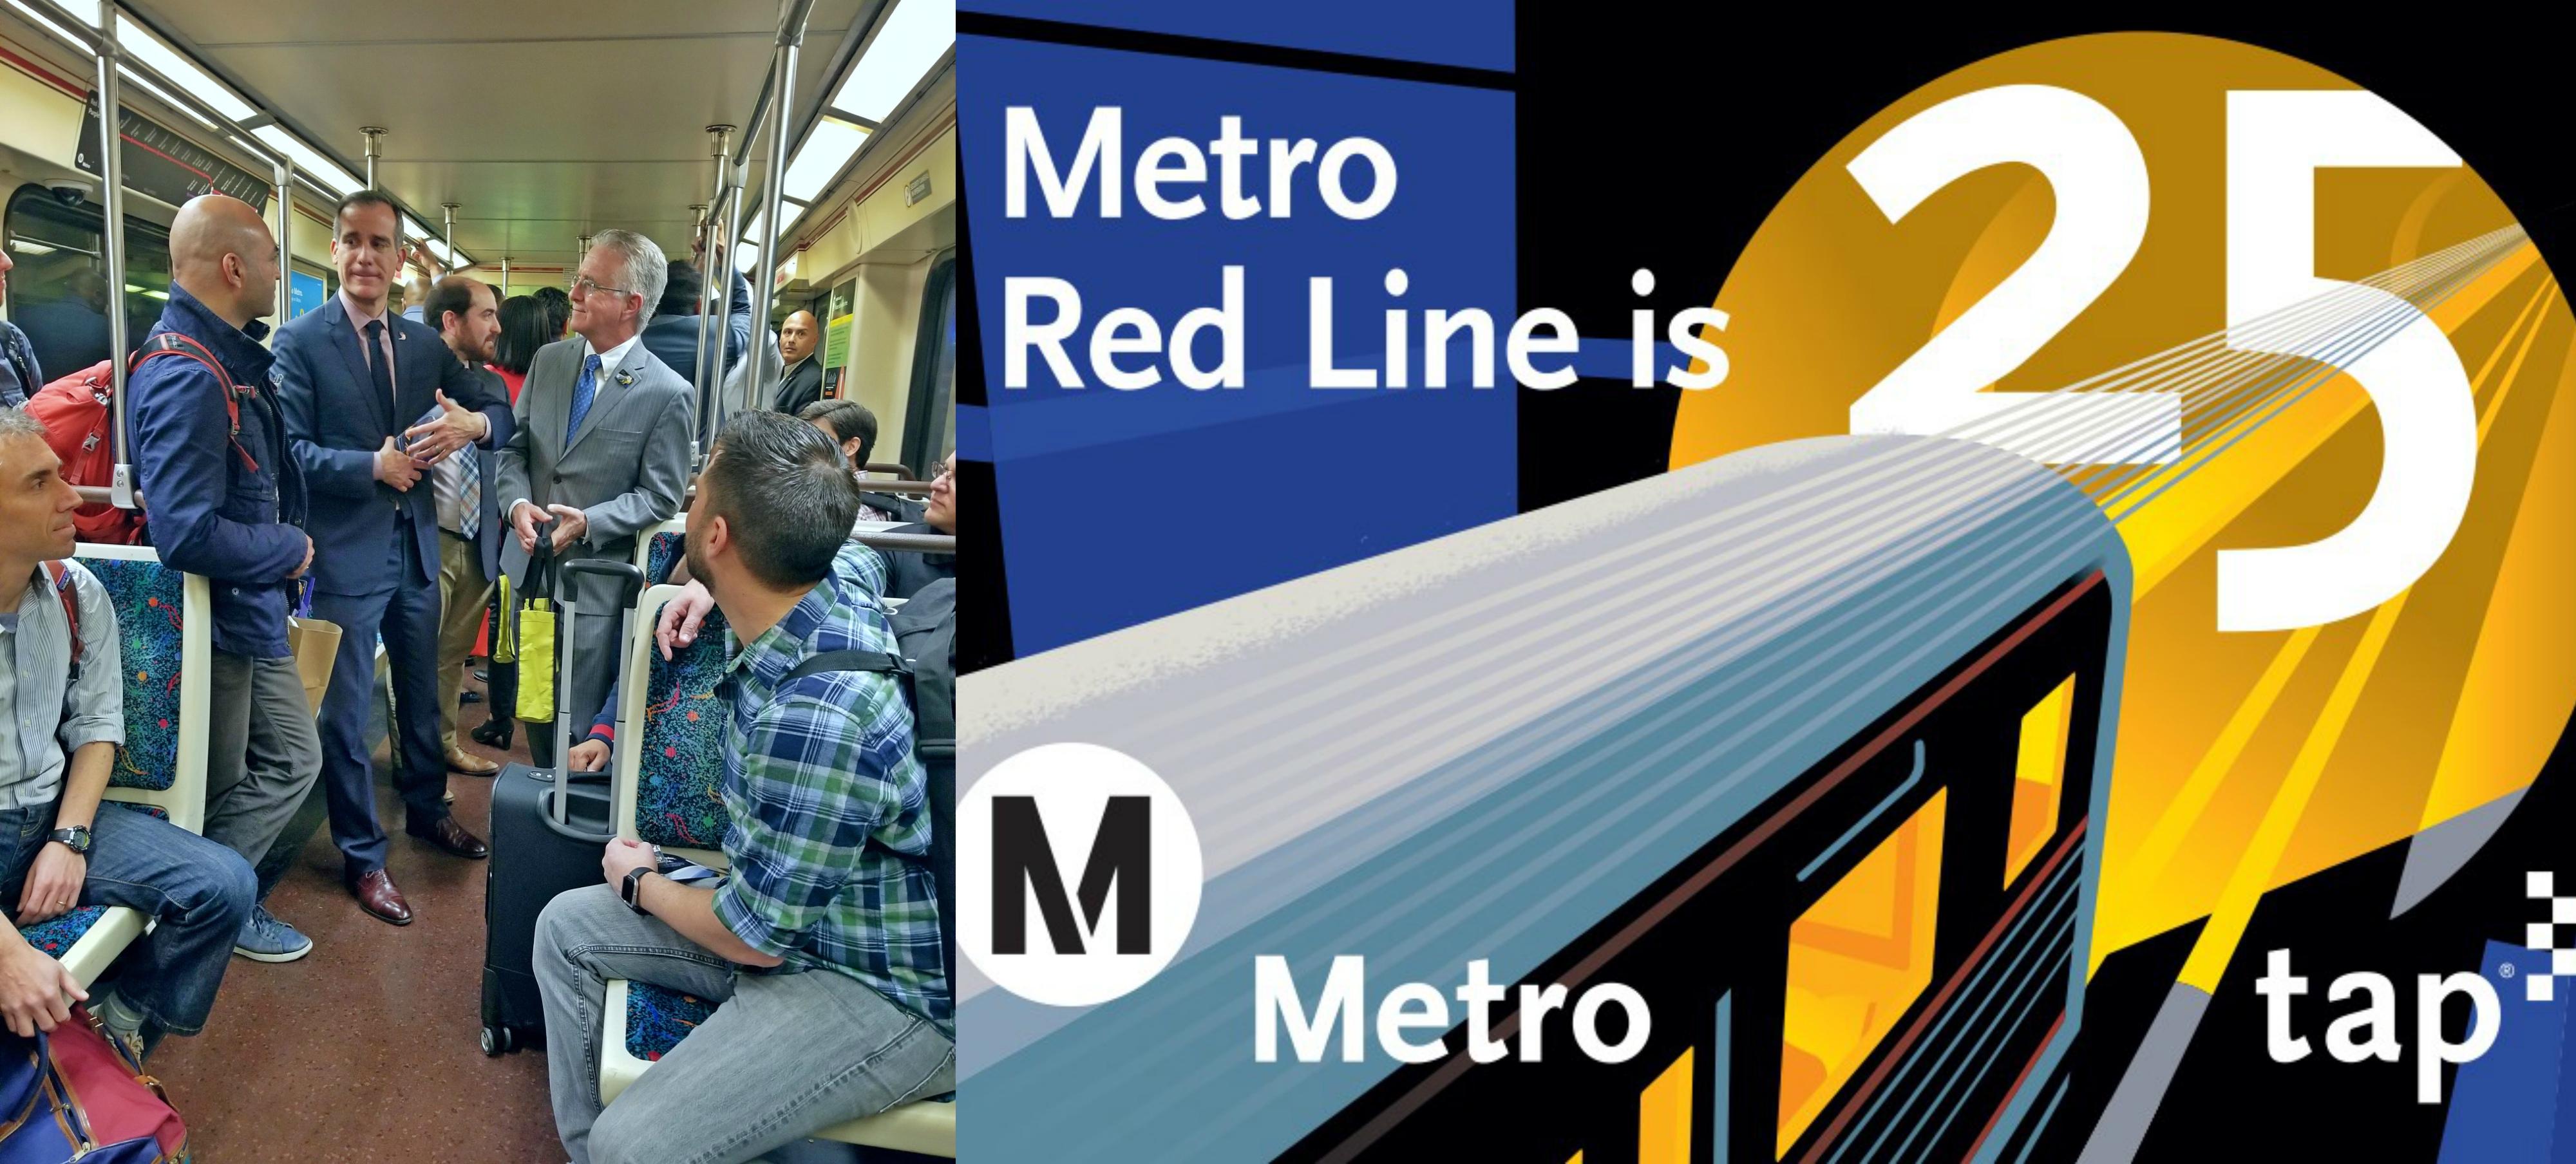 Metro_25.jpg